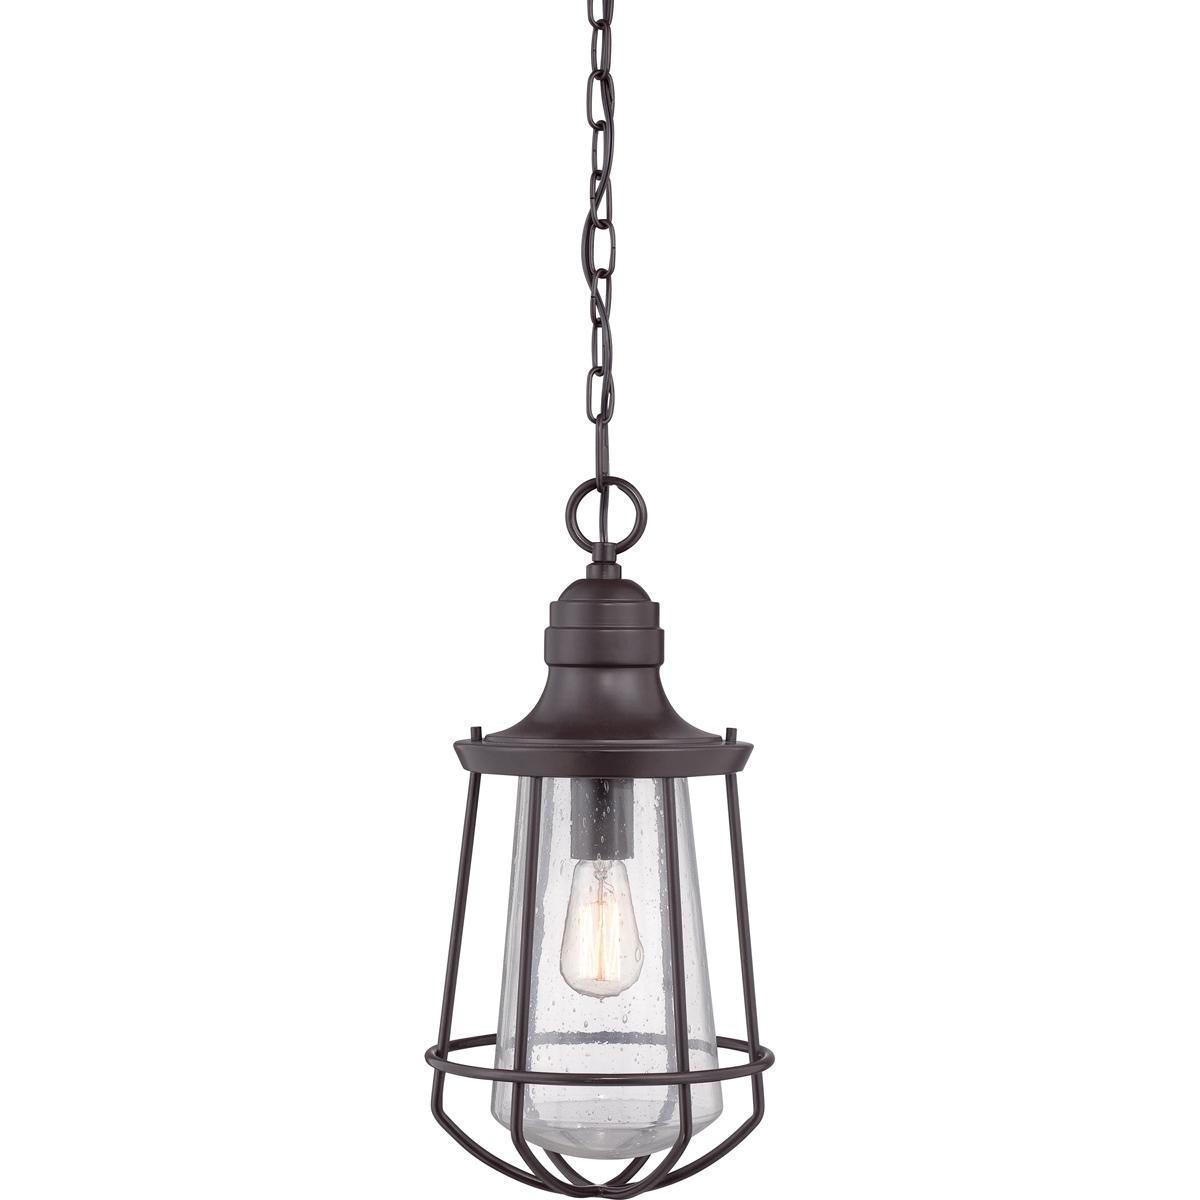 Outdoor Hanging Light Fixtures Trends And Industrial Lights Pictures Throughout Outdoor Hanging Light Pendants (#9 of 15)